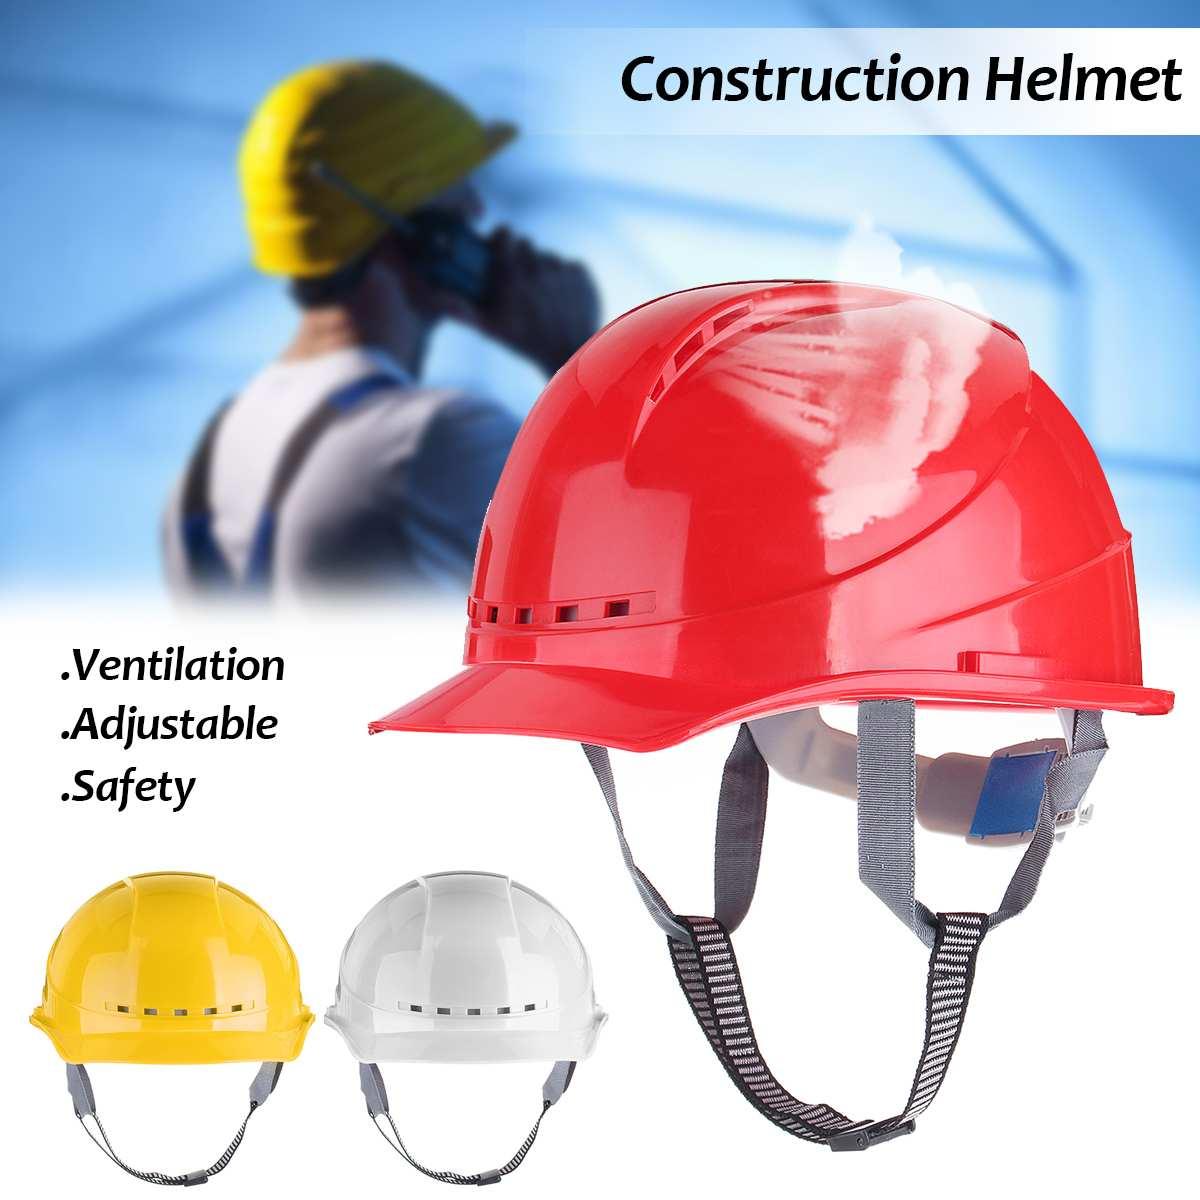 Arbeitsplatz Sicherheit Liefert Schutzhelm Sicherheit Helme Hard Hats Bauprojekte Protector Breite Krempe Hut Arbeit Kappe Abs Material Schutzhelm Atmungs Engineering Sparen Sie 50-70%